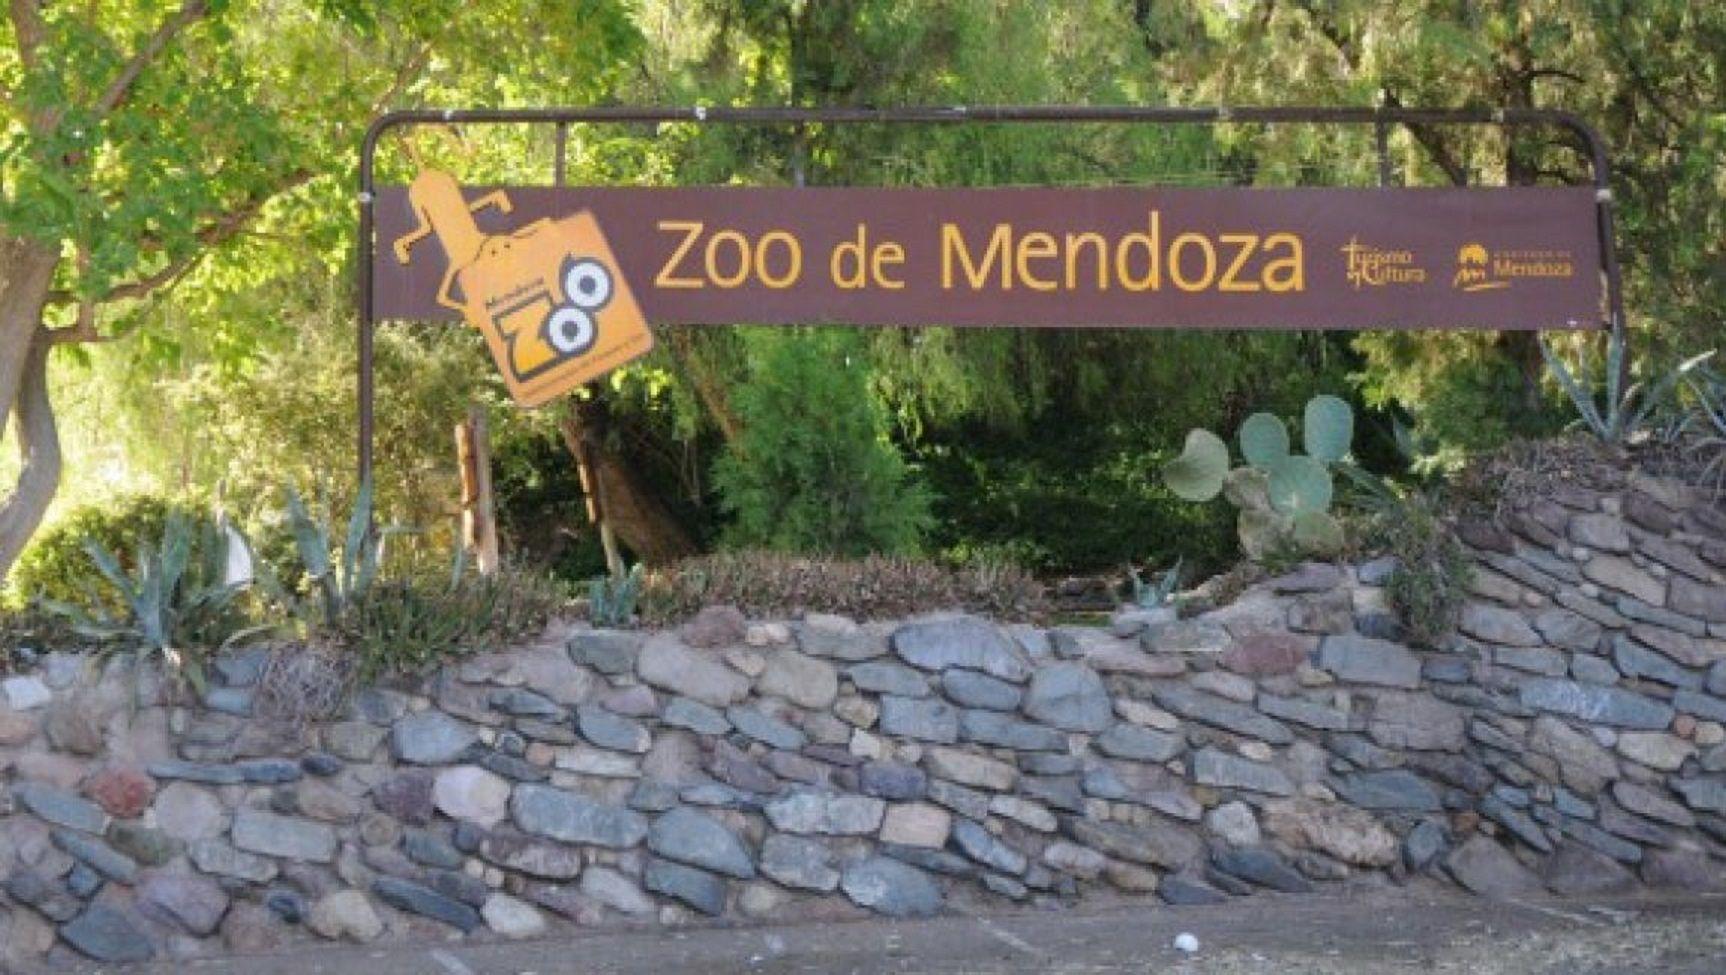 Vuelven a cerrar el zoo de Mendoza tras la muerte de otros dos ciervos